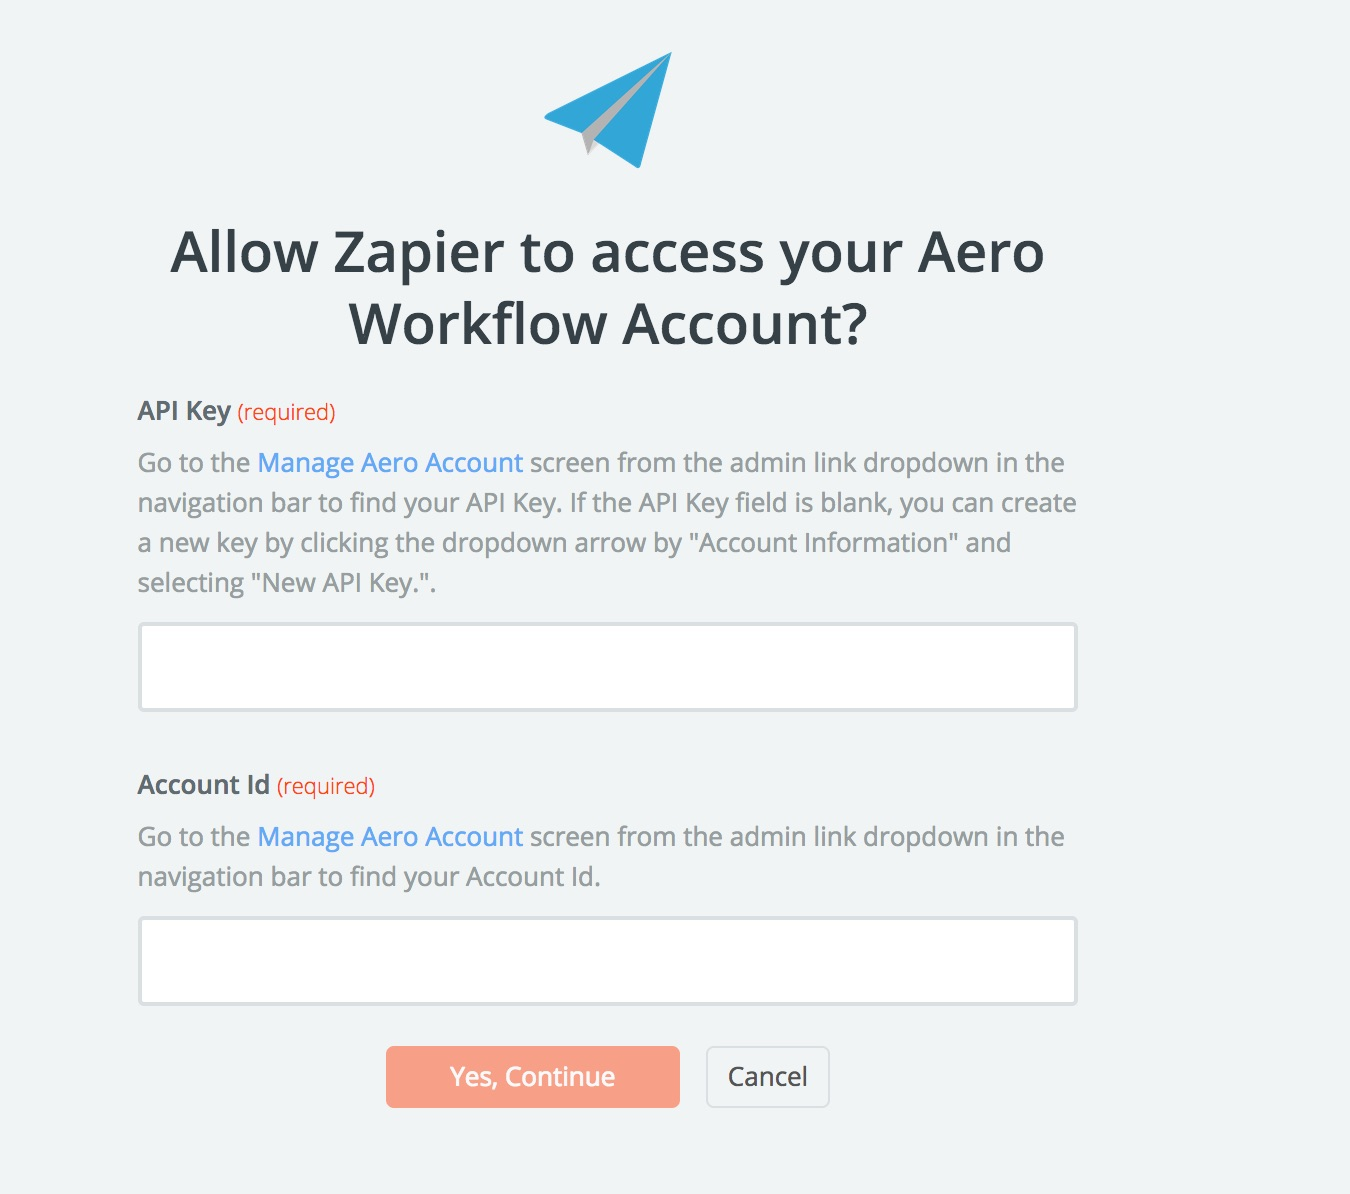 Aero Workflow API Key